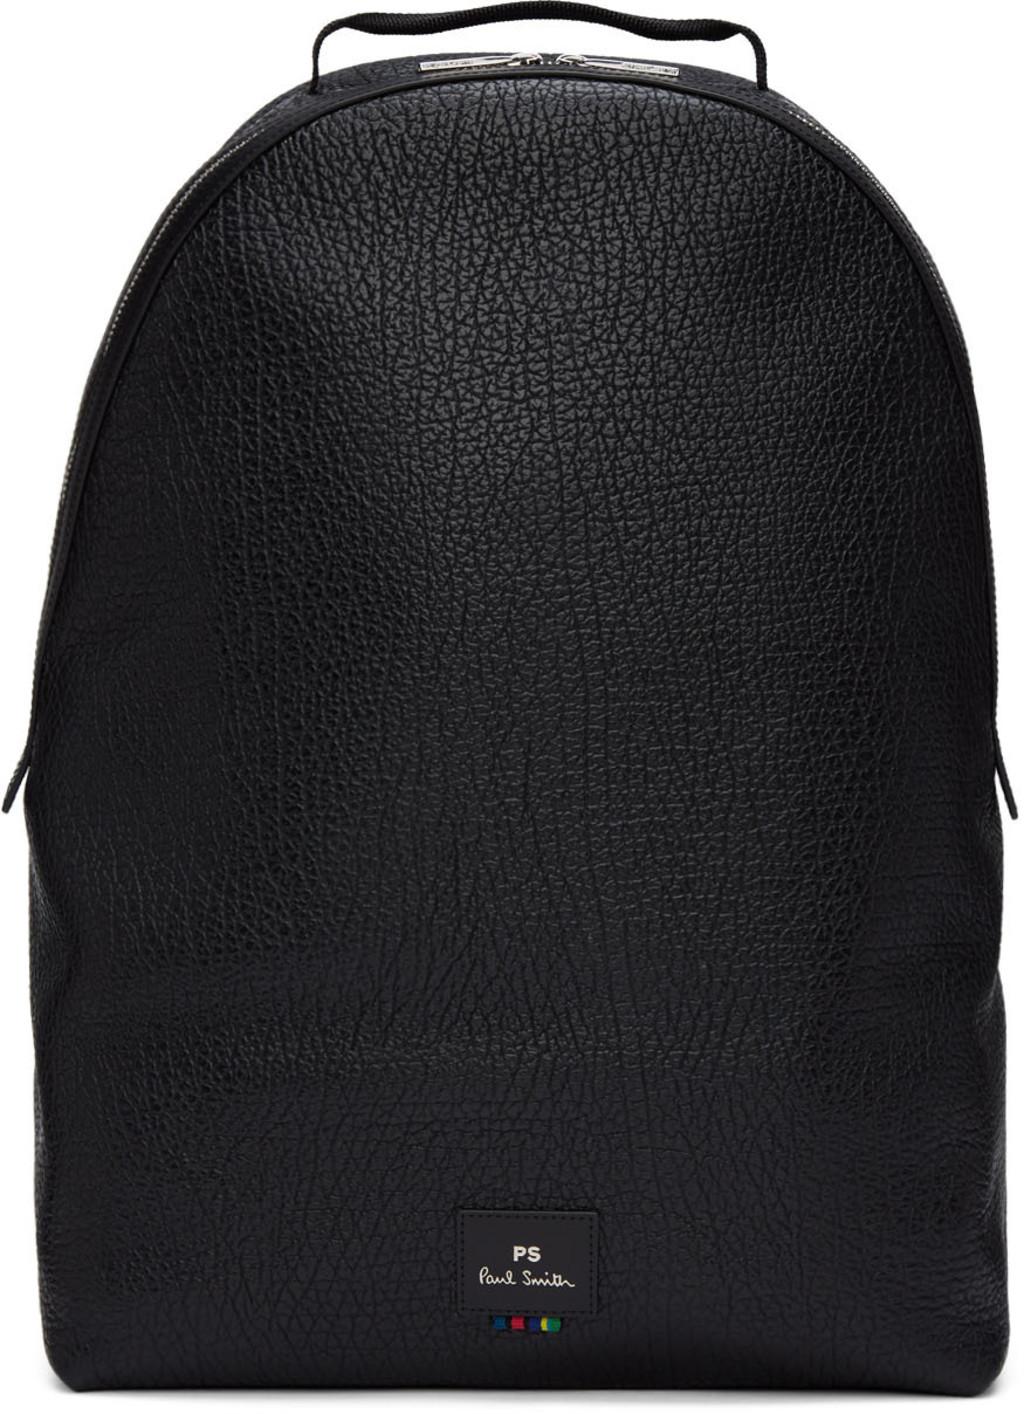 75c83329dfc6 Mens Designer Backpacks Louis Vuitton- Fenix Toulouse Handball